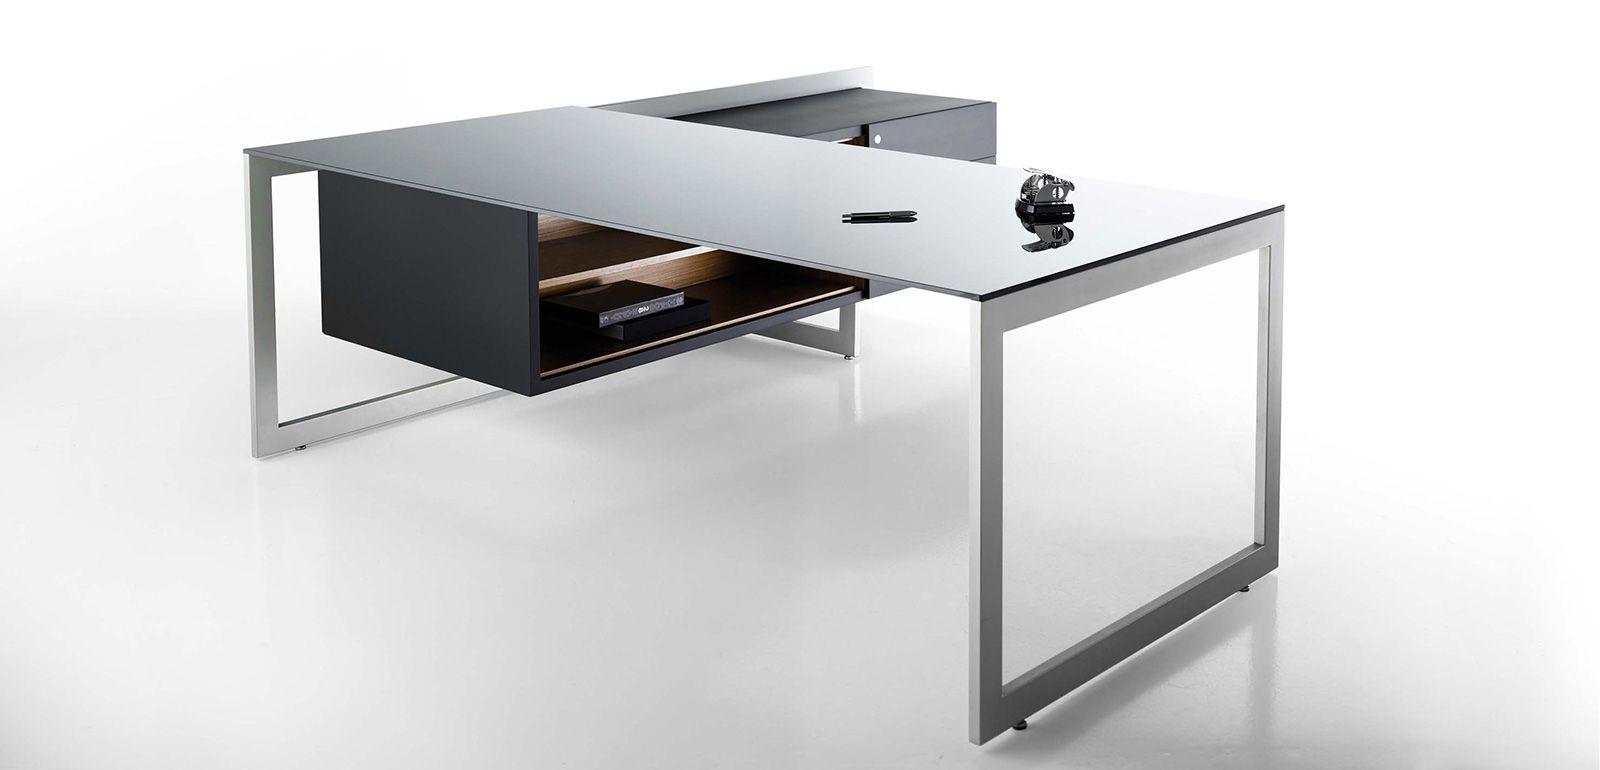 Mobilier de bureau design pour professionnel paris lyon - Mobilier de bureau montpellier ...